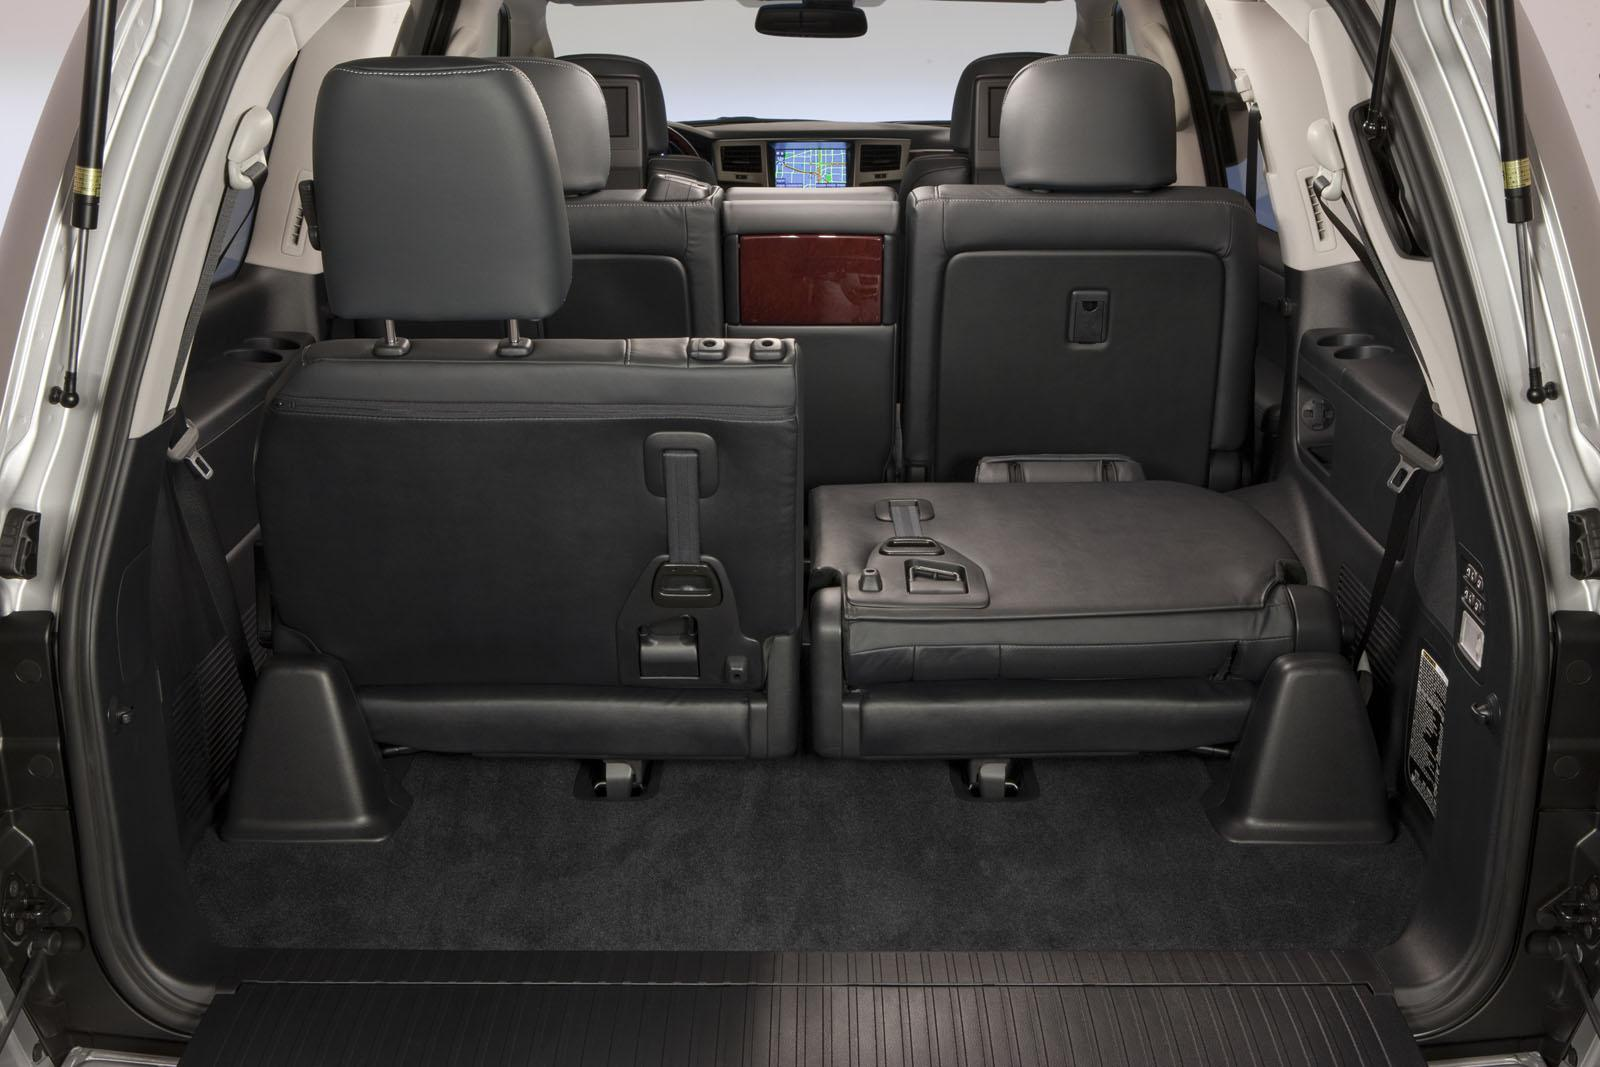 http://1.bp.blogspot.com/-Jazp1-aca-8/T8BxTPwt0NI/AAAAAAAAB8w/KgurTA_K_jg/s1600/2013-lexus-lx-570-interior-27.jpg